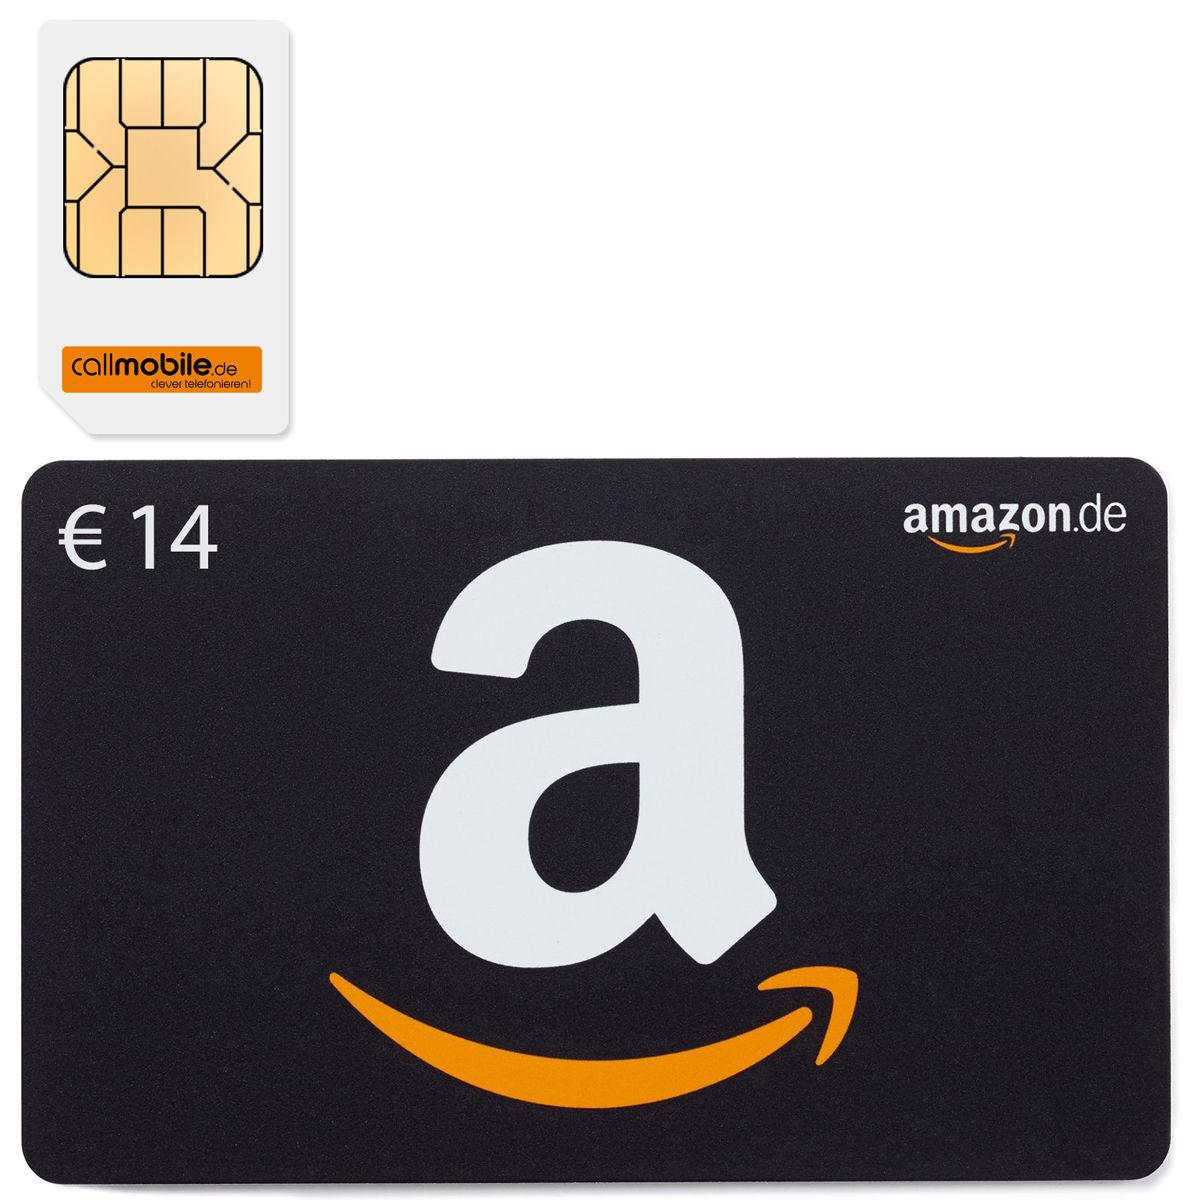 callmobile SIM + 14€ Amazon Gutschein für 2,95€